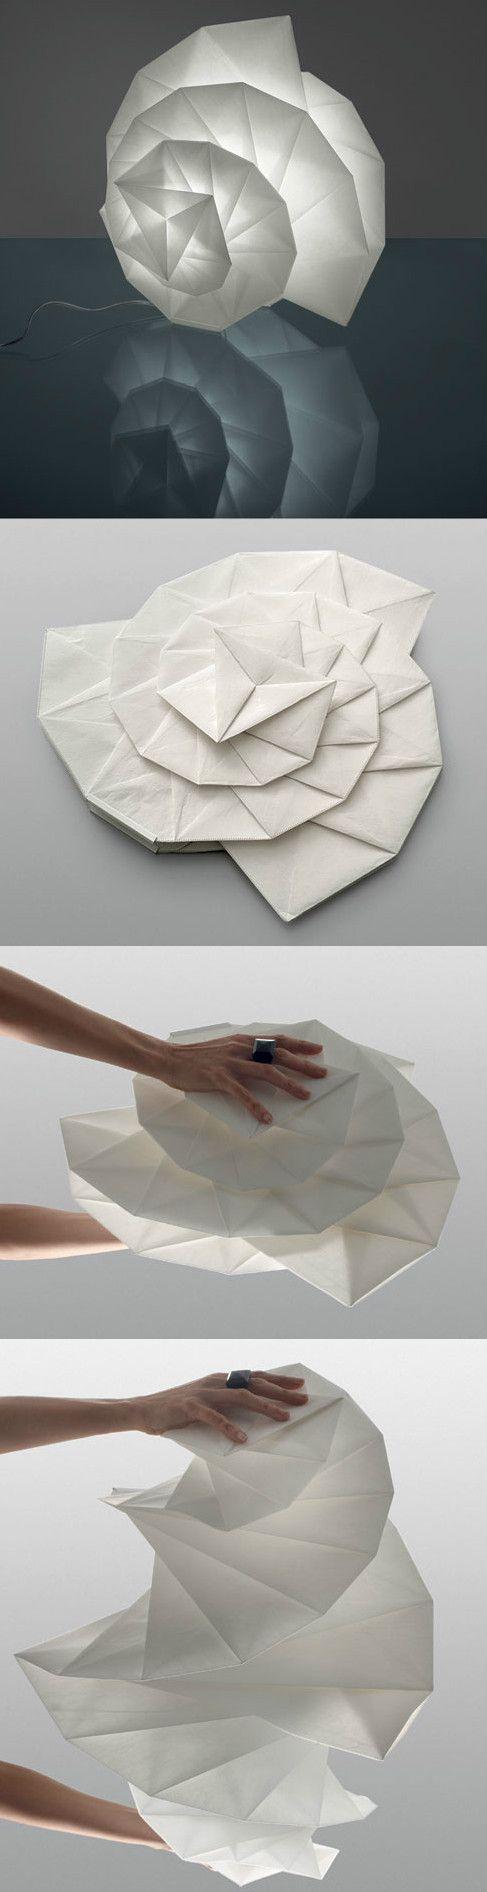 Lichter, um raum zu schmücken 三宅一生的影子灯时装设计和灯具设计的混搭  origami  pinterest